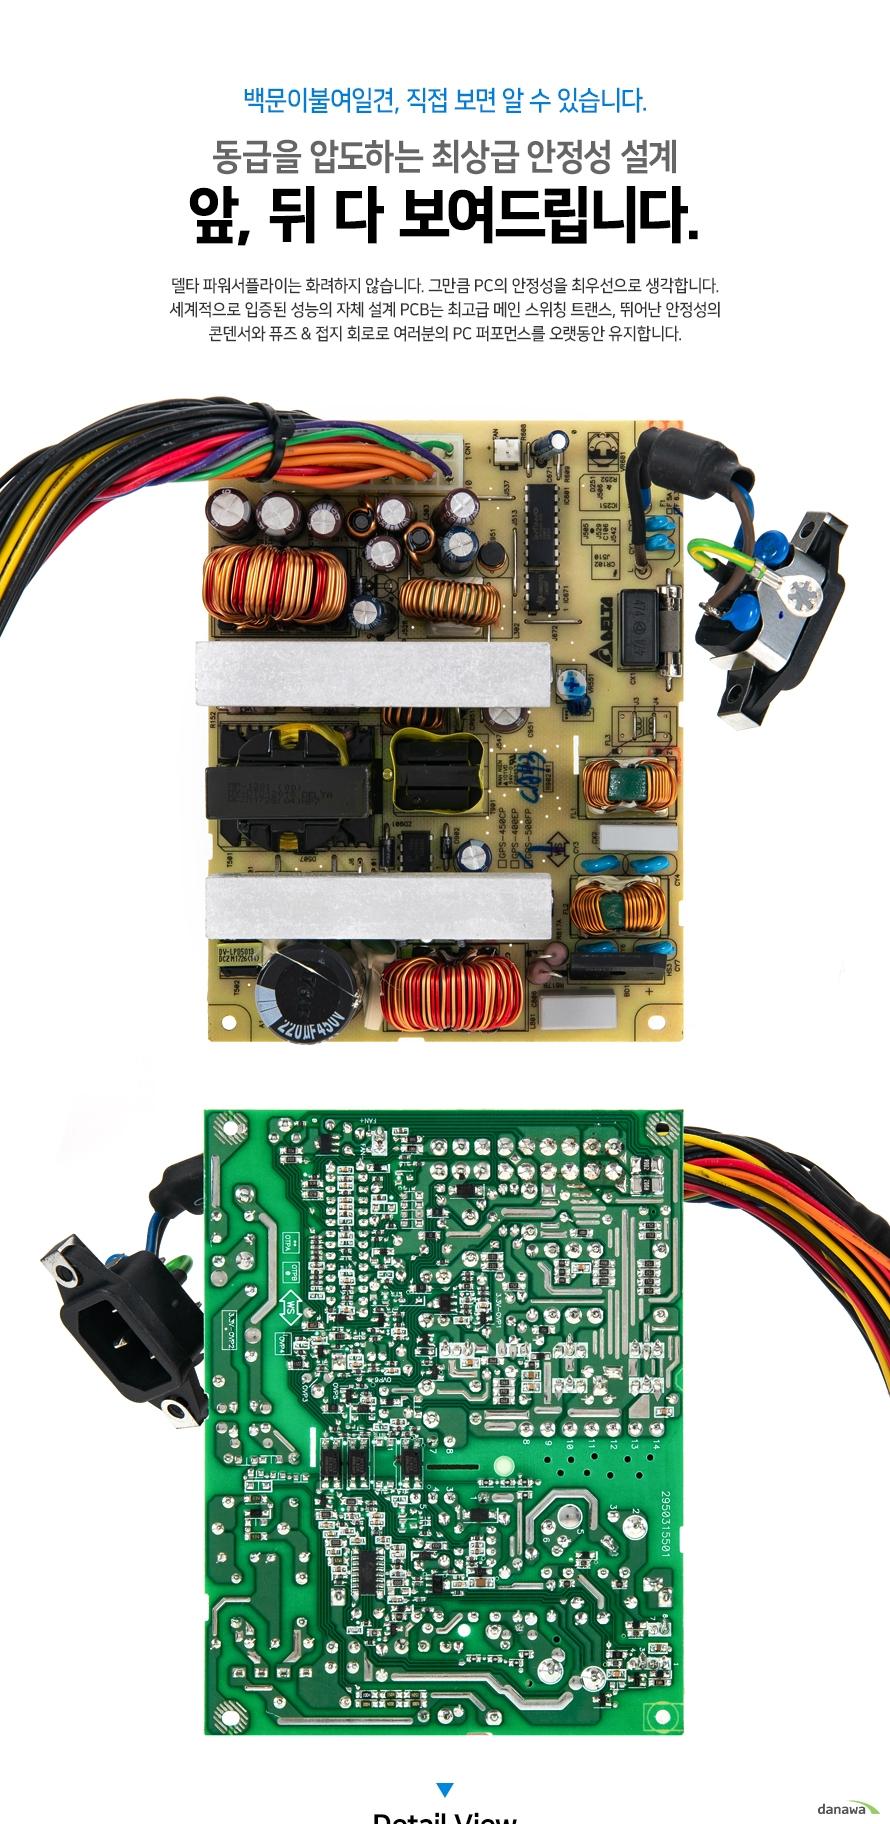 델타  GPS-500FB 80PLUS STANDARD 벌크